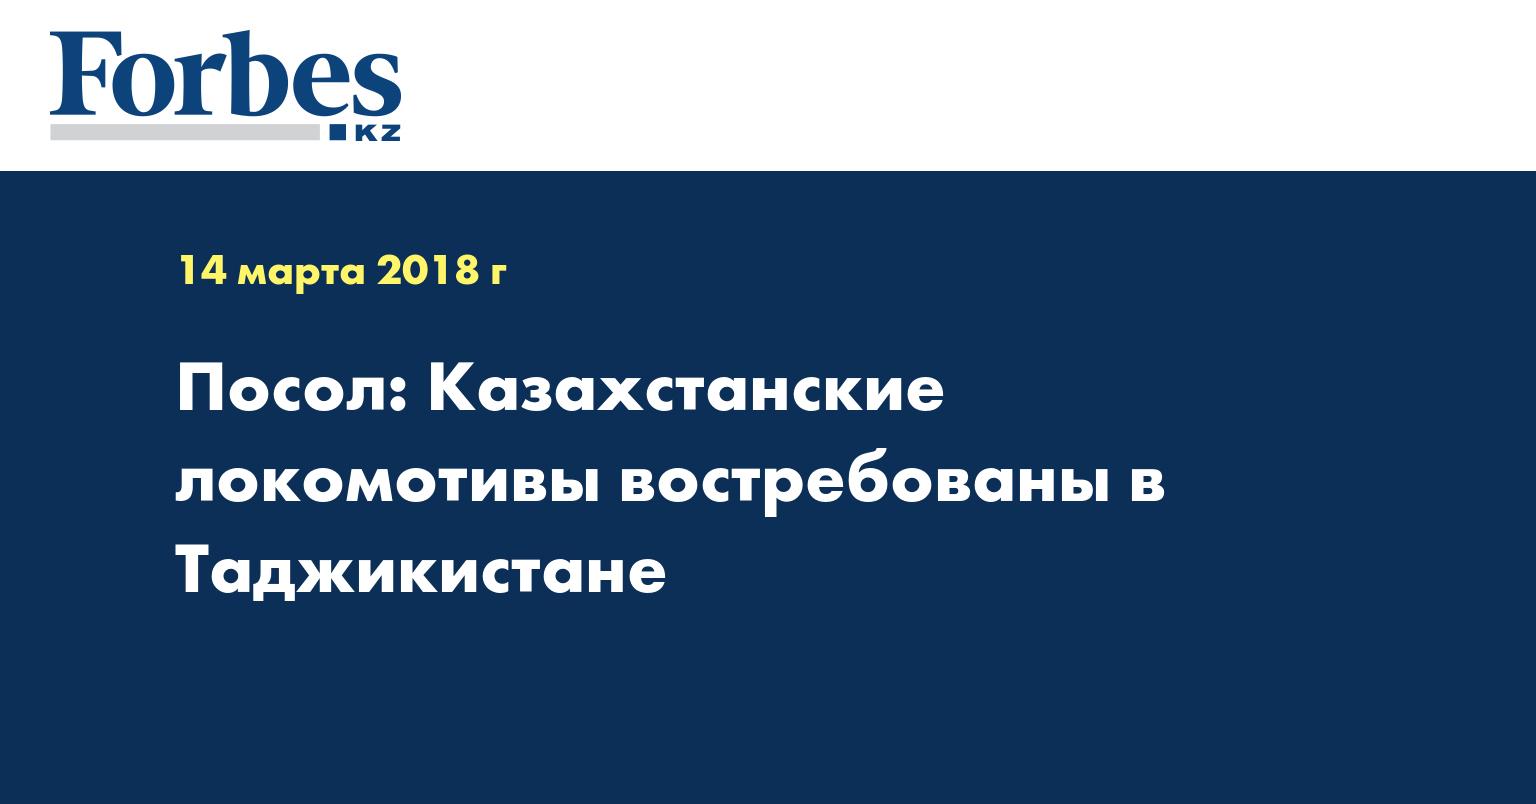 Посол: Казахстанские локомотивы востребованы в Таджикистане